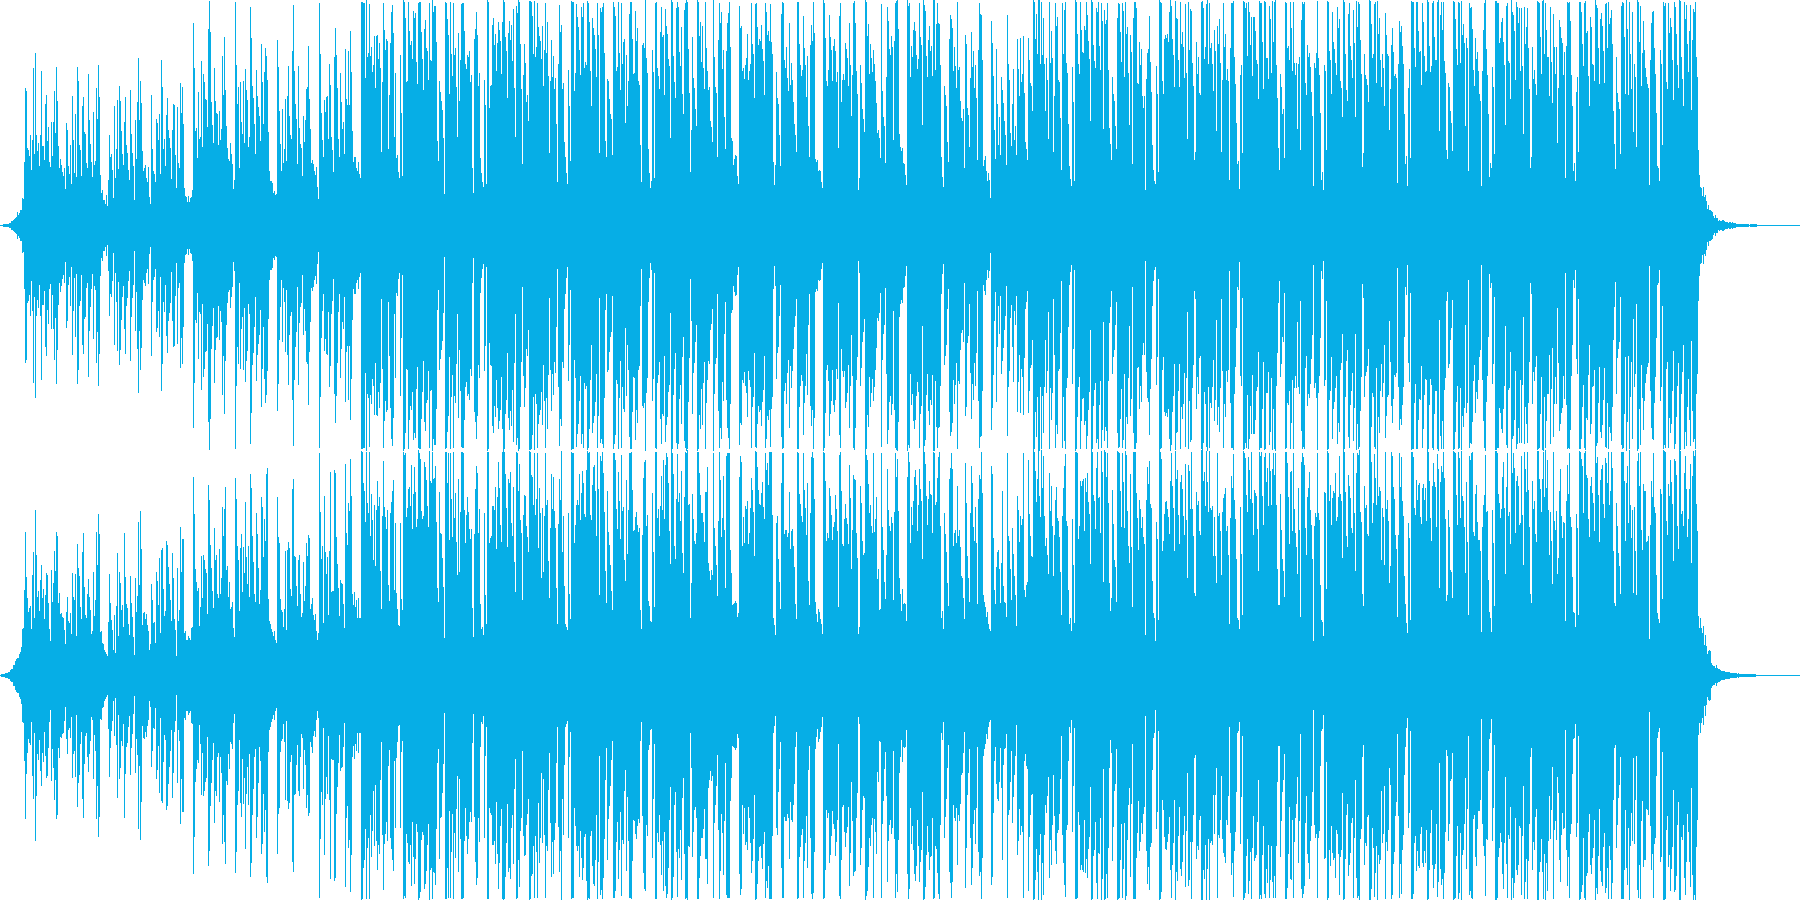 キャッチーなトロピカル系ダブステップの再生済みの波形